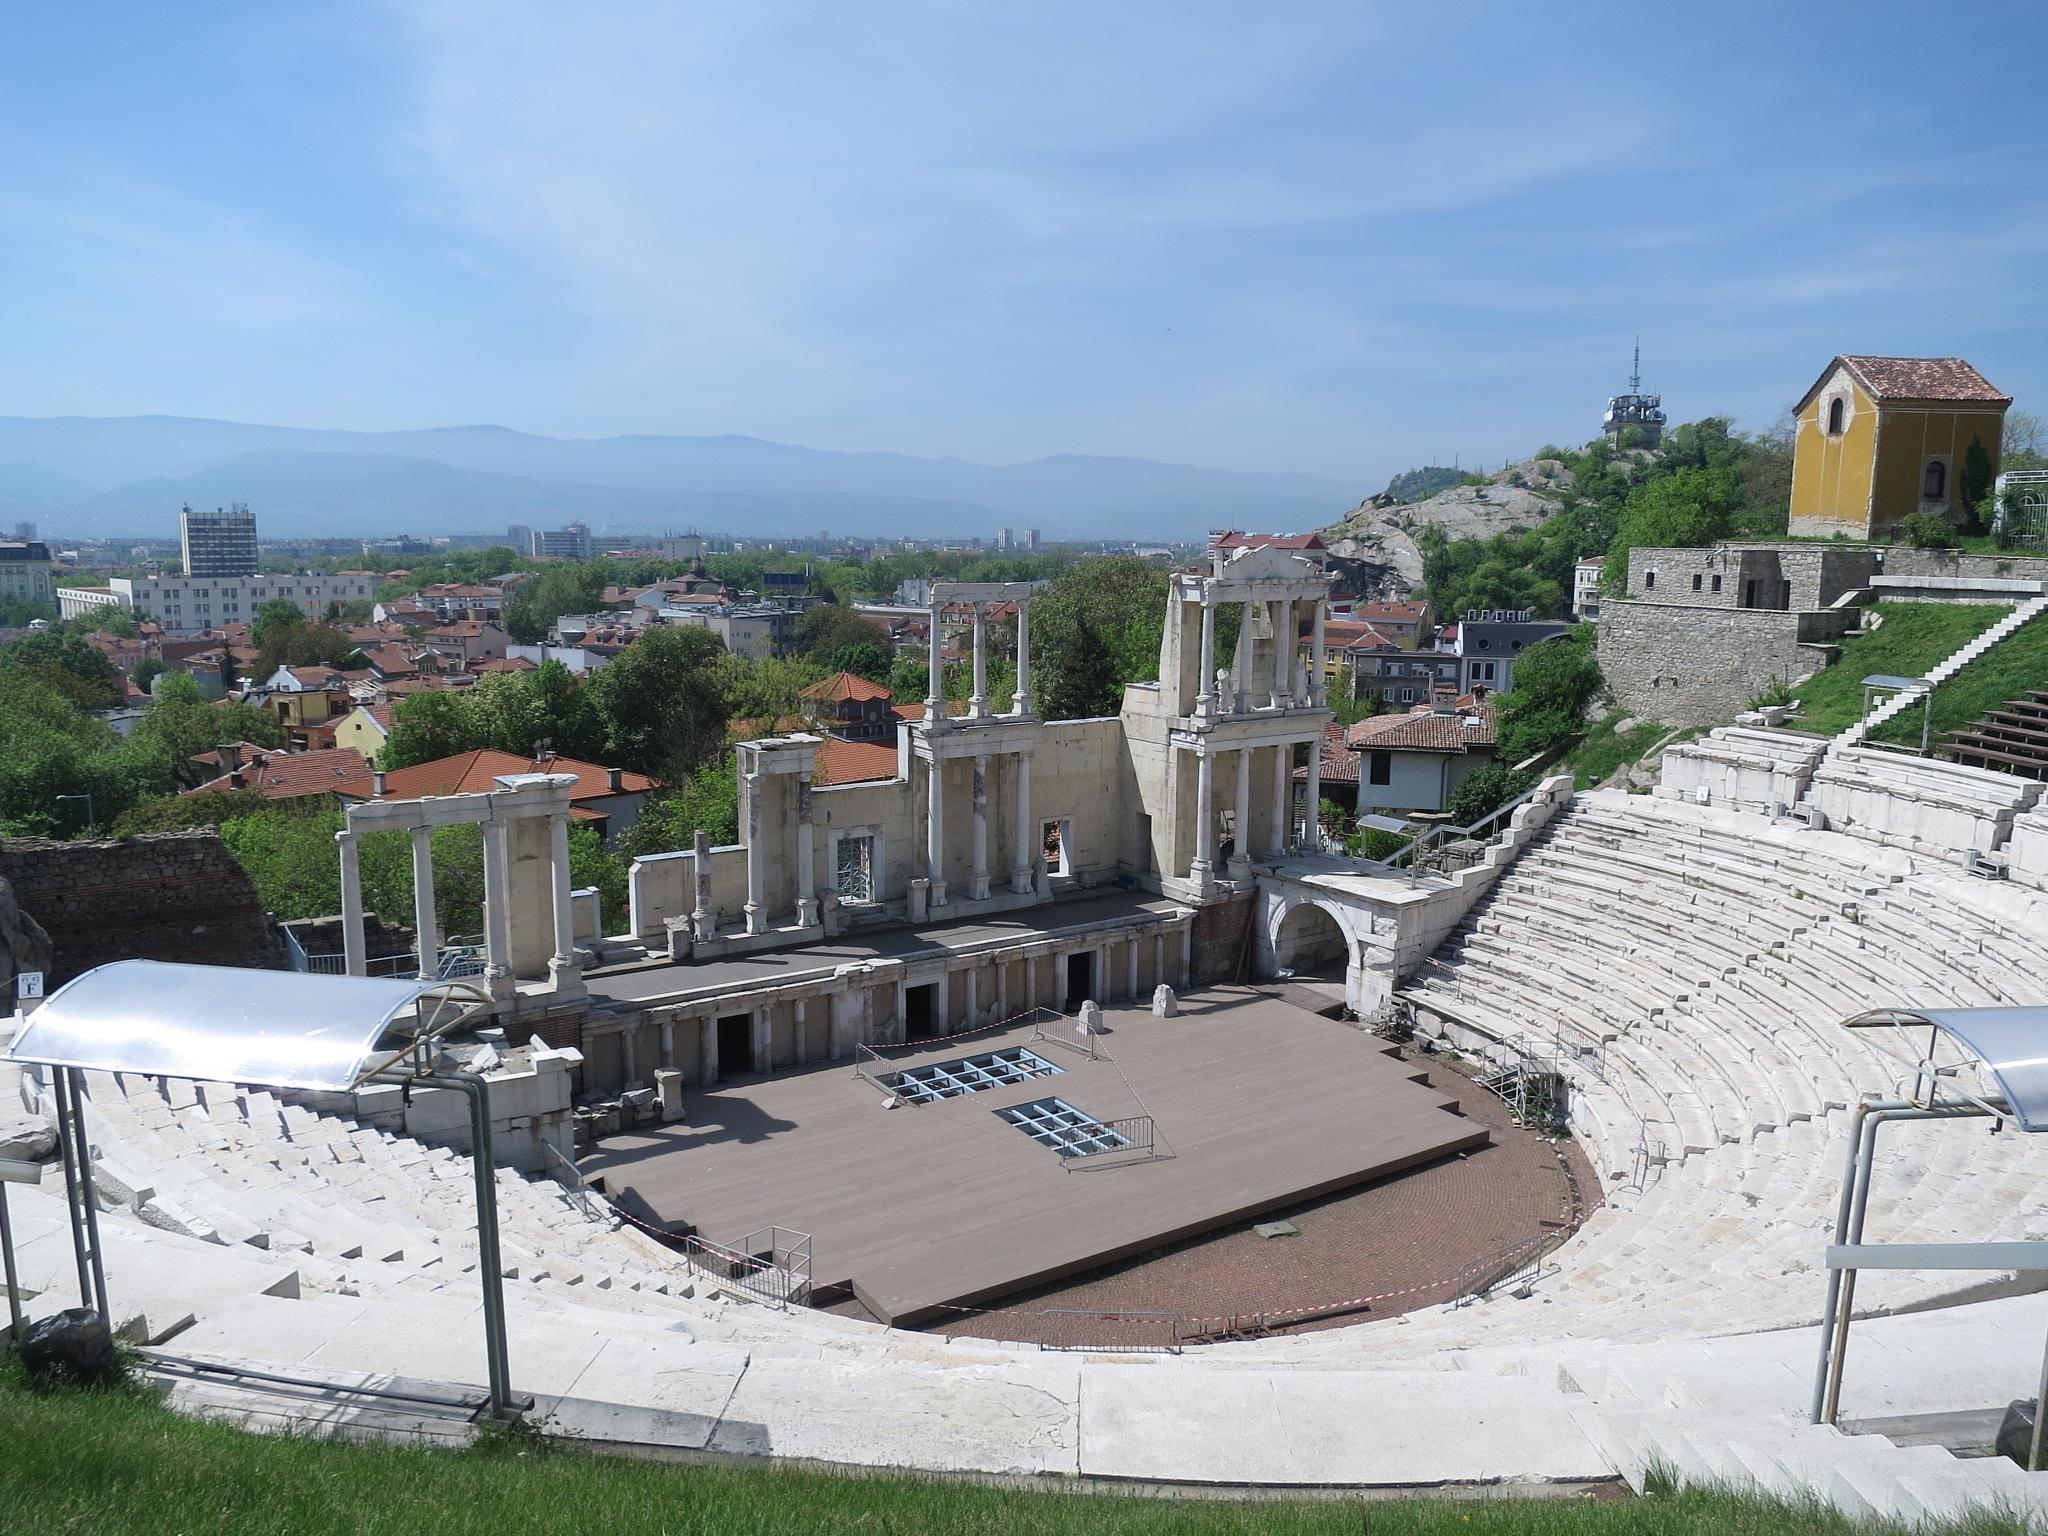 Plovdiv 4 by GraemeLeePollard